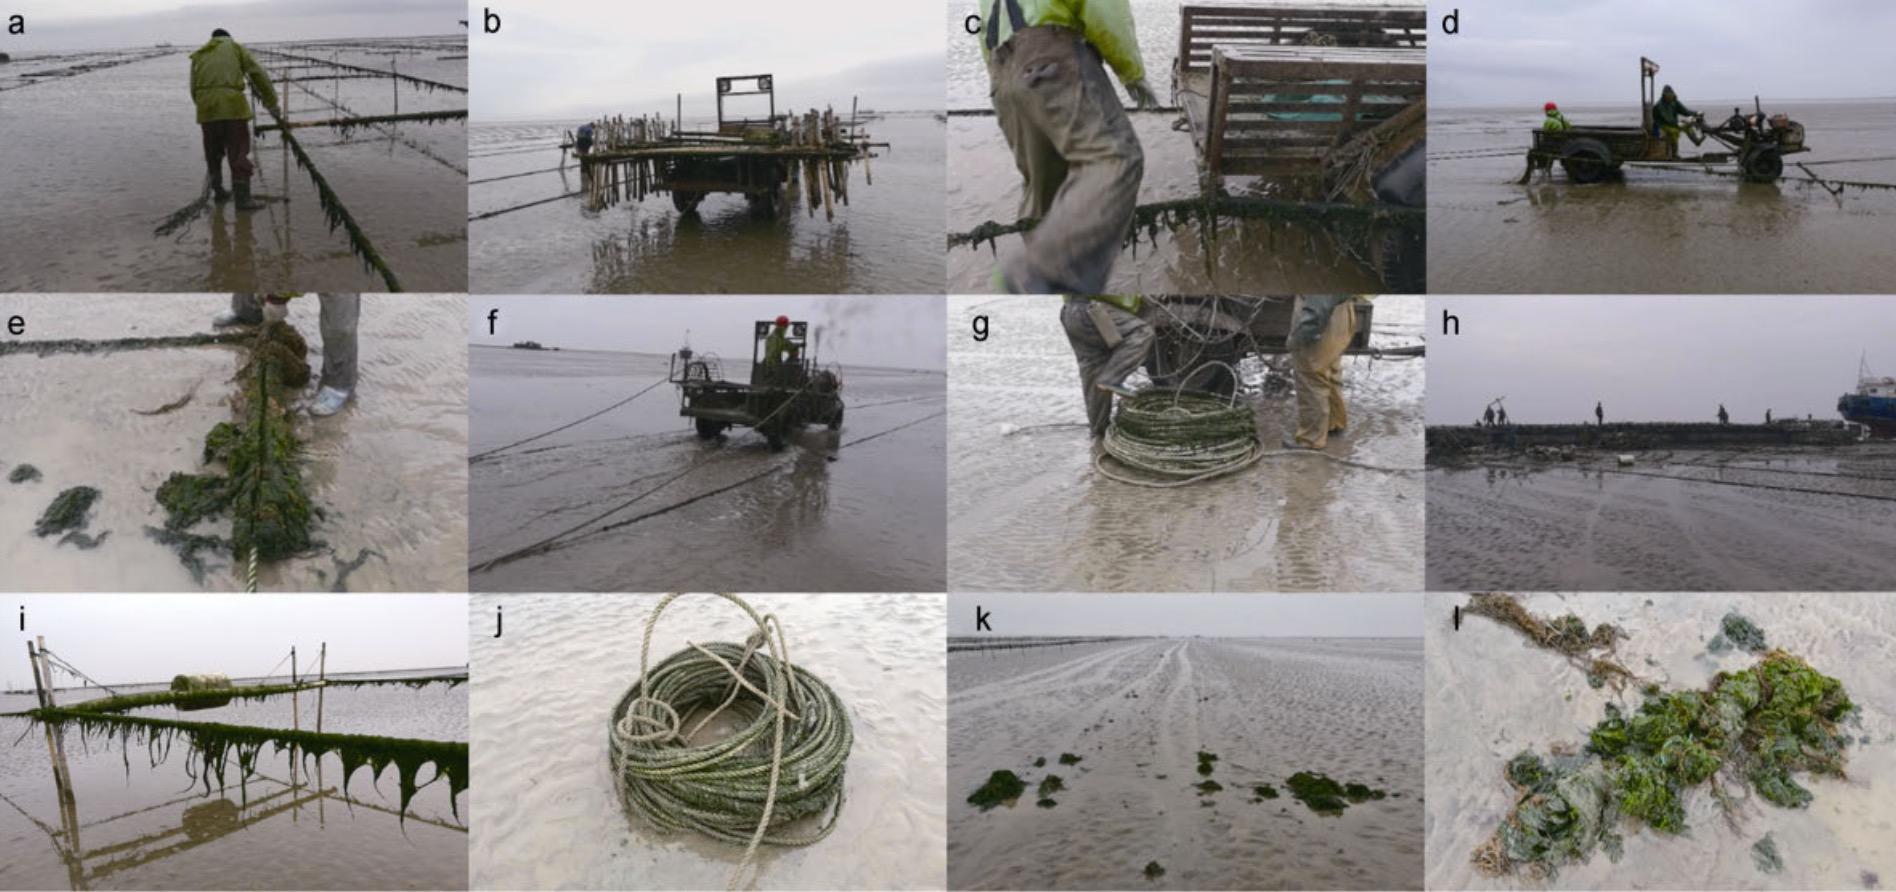 收筏架作业过程和收筏架作业前后绠绳上附生绿藻 来源:张清春等人《苏北浅滩养殖筏架附生绿藻入海过程在黄海绿潮形成中的作用》